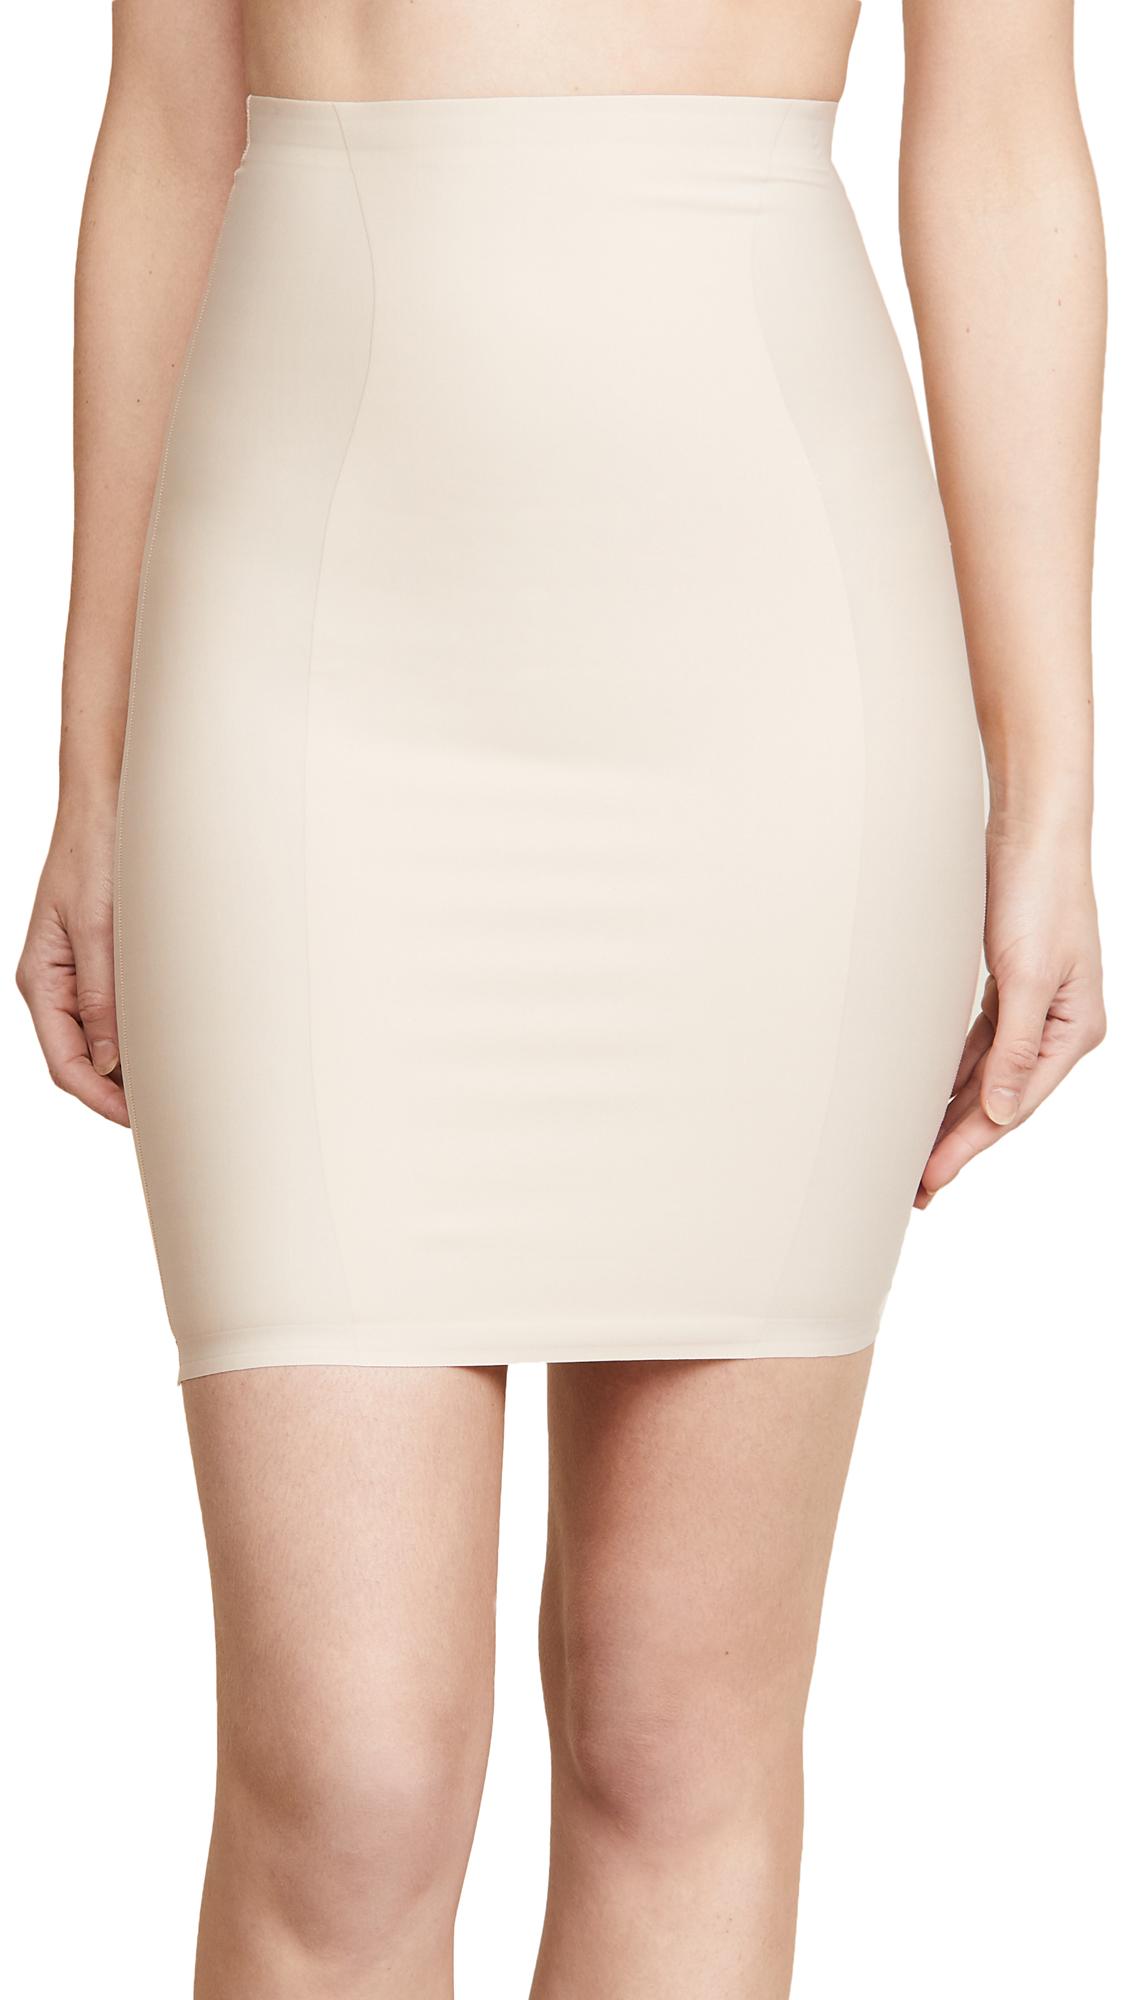 High Waist Skirt Slip, Frappe